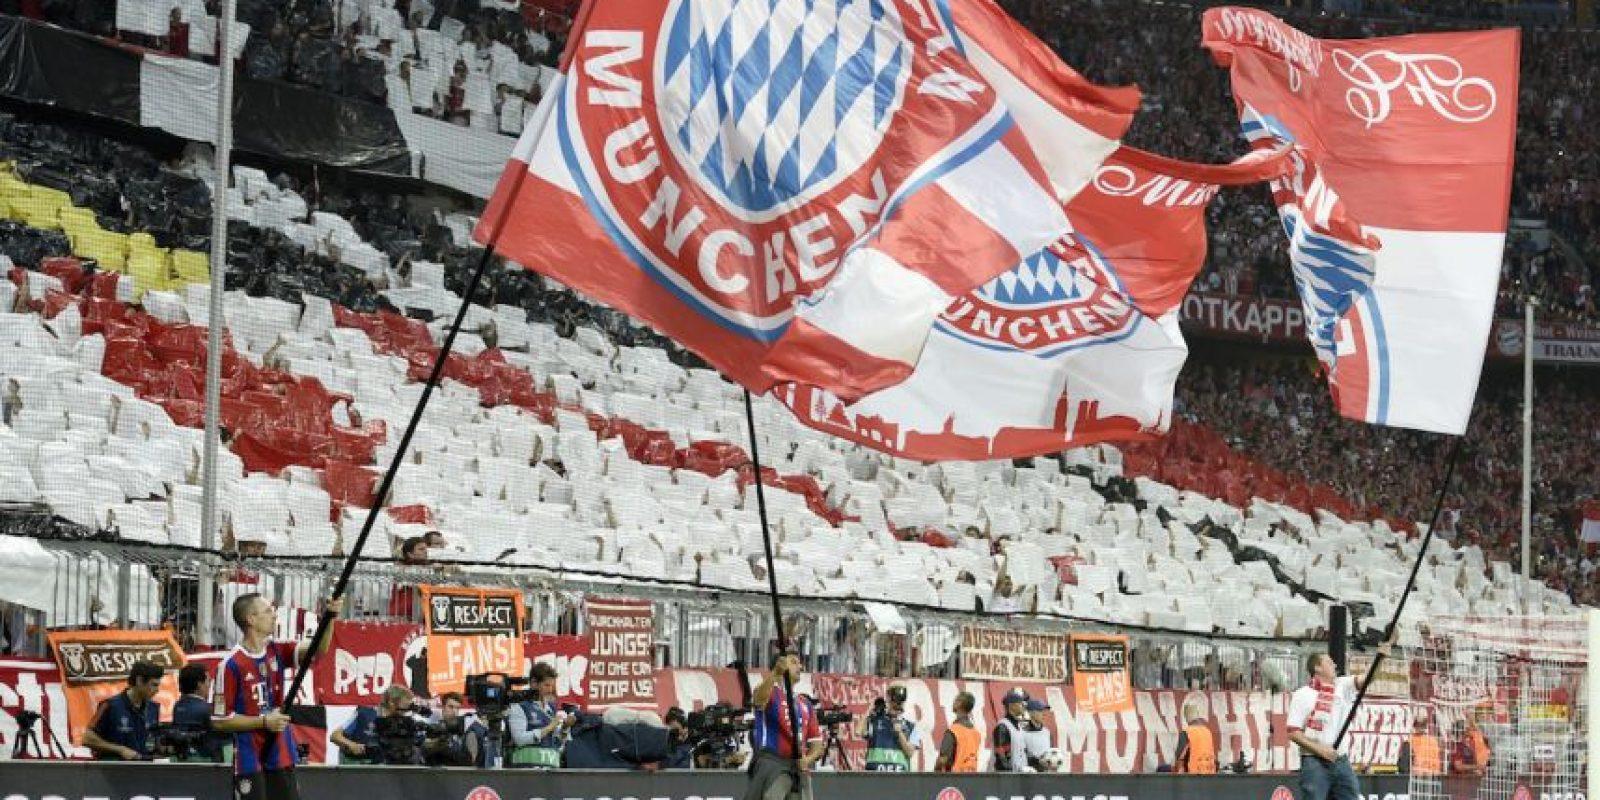 Esto no es todo. Como muestra de solidaridad, en su próximo duelo del 12 de septiembre frente al Ausburgo, los jugadores del Bayern Munich saltarán a la cancha de la mano de un niño refugiado. Foto:AFP